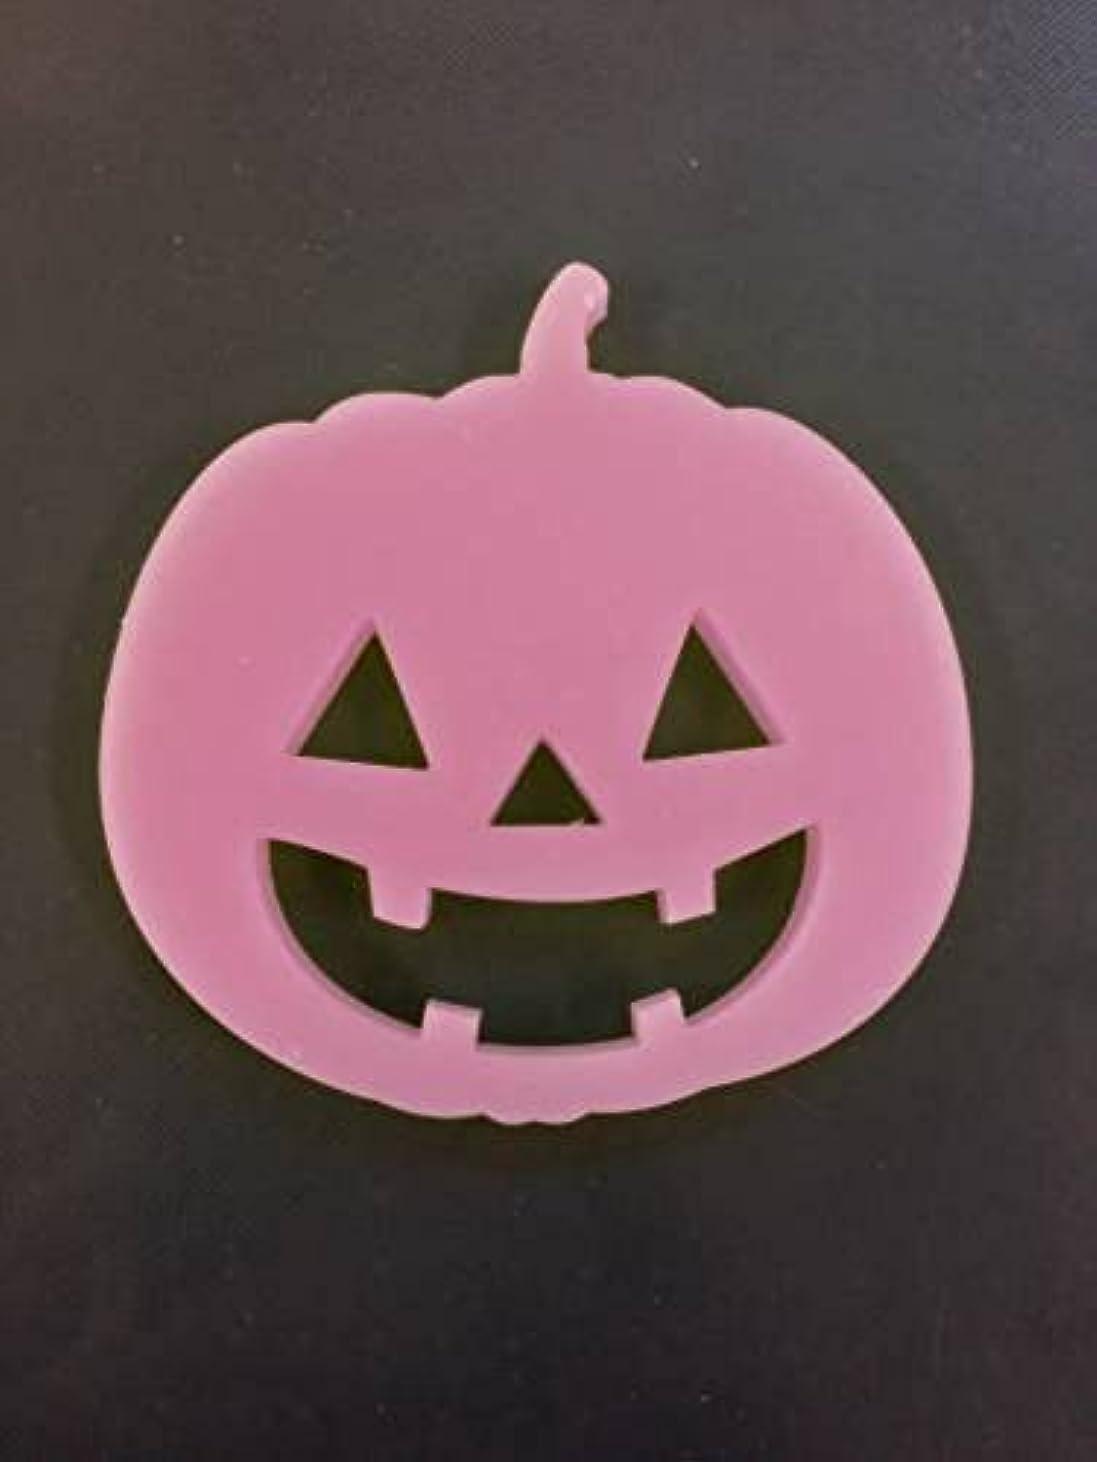 光沢マトリックスビュッフェGRASSE TOKYO AROMATICWAXチャーム「ハロウィンかぼちゃ」(PI) ゼラニウム アロマティックワックス グラーストウキョウ